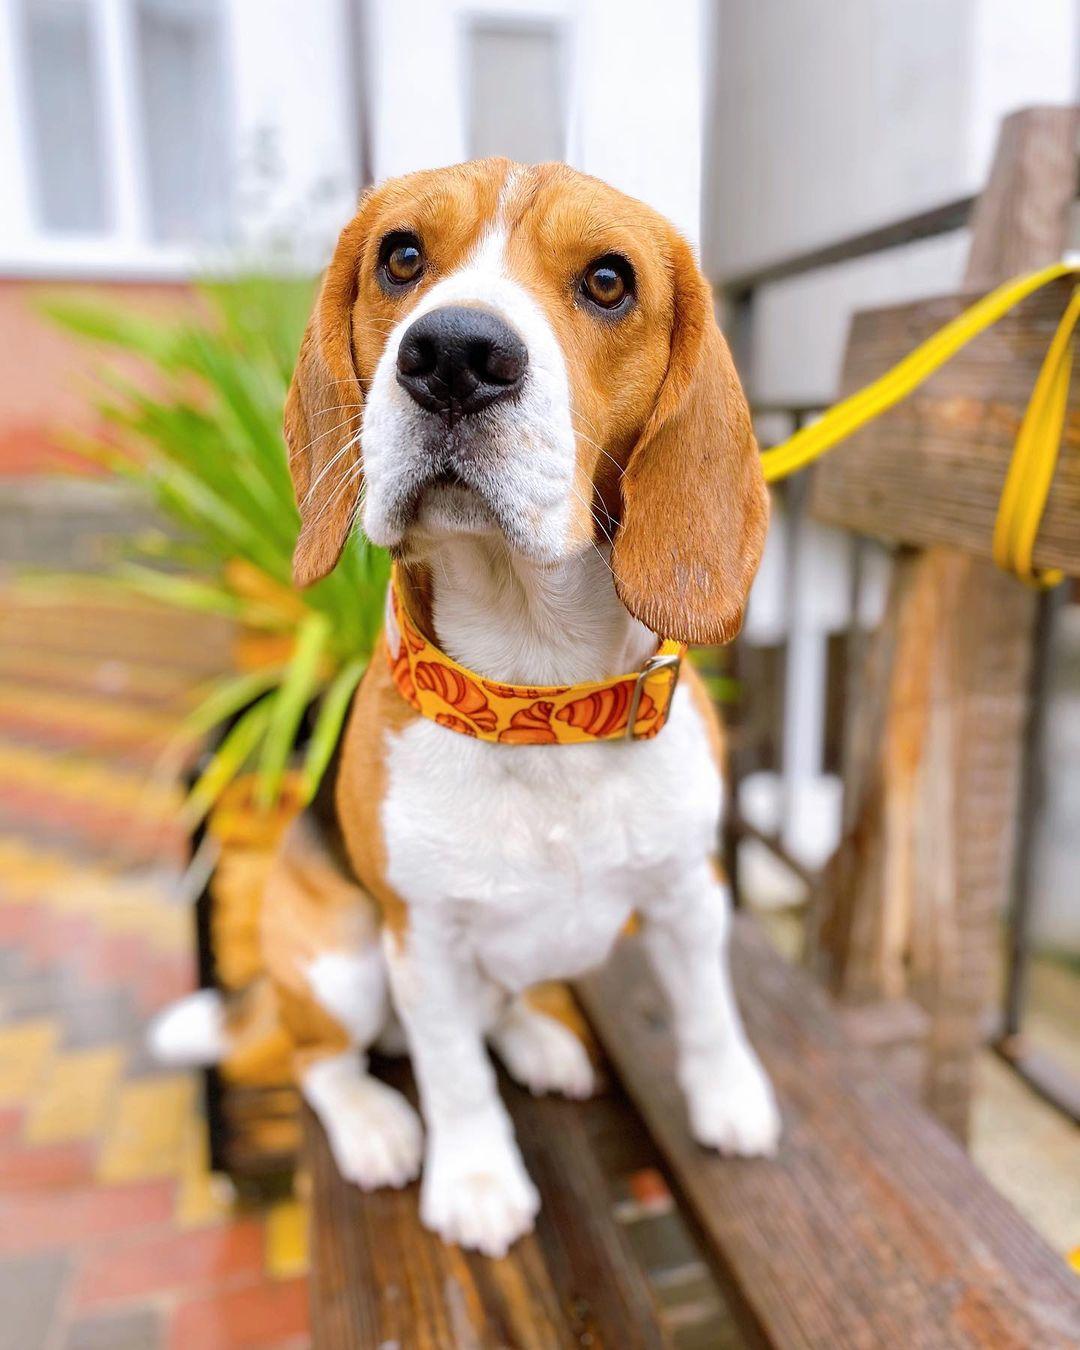 Сотрудника аэропорта Сочи не станут увольнять за издевательство над собакой